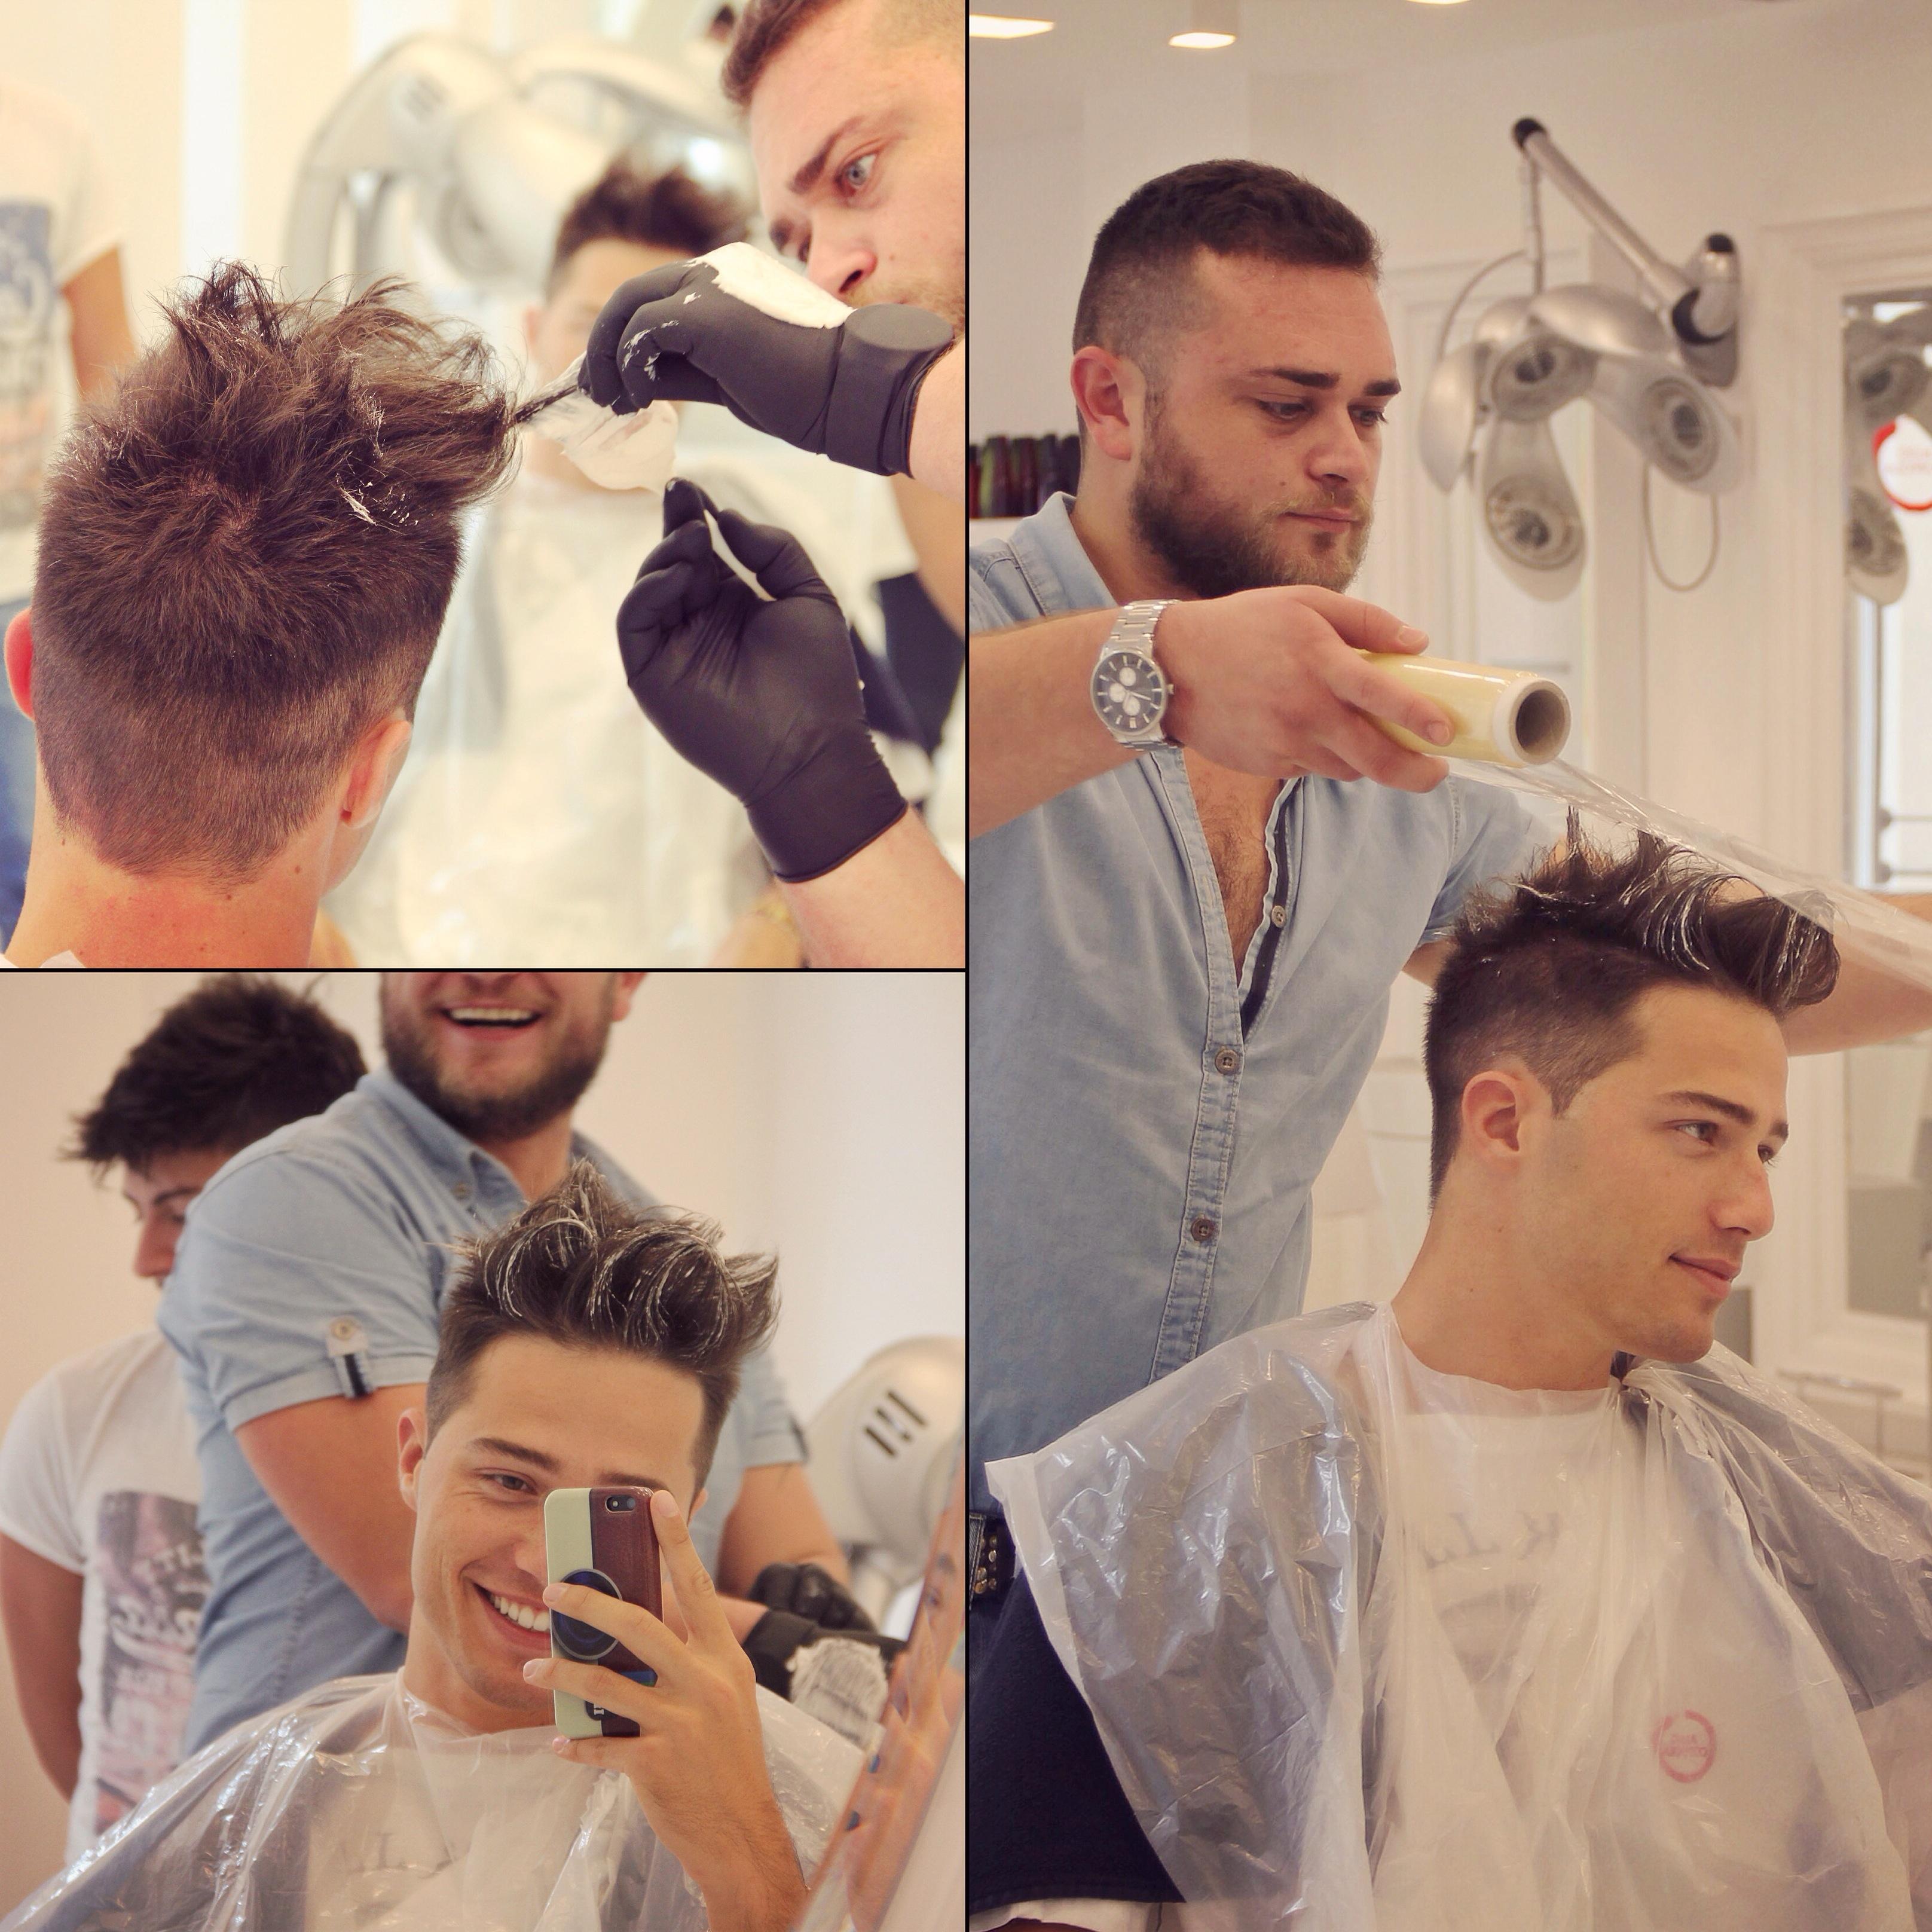 Costo taglio capelli aldo coppola – Acconciature popolari 2018 99c4ac031650